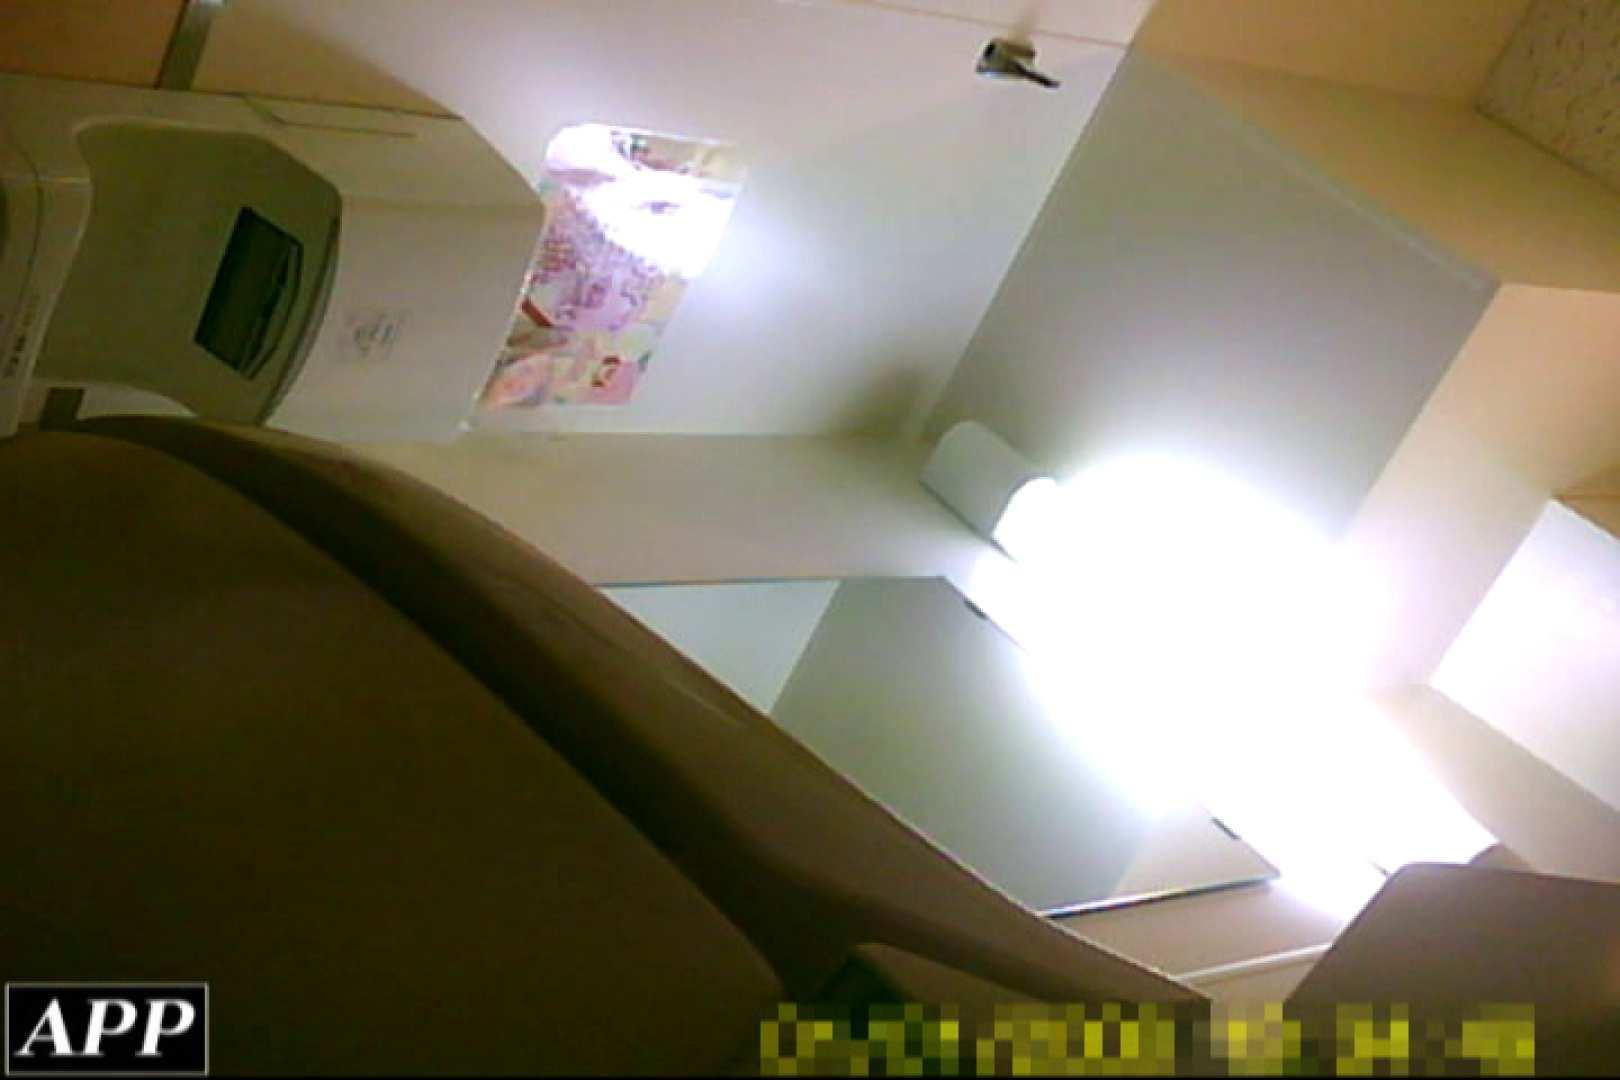 3視点洗面所 vol.20 洗面所のぞき ワレメ動画紹介 109枚 59